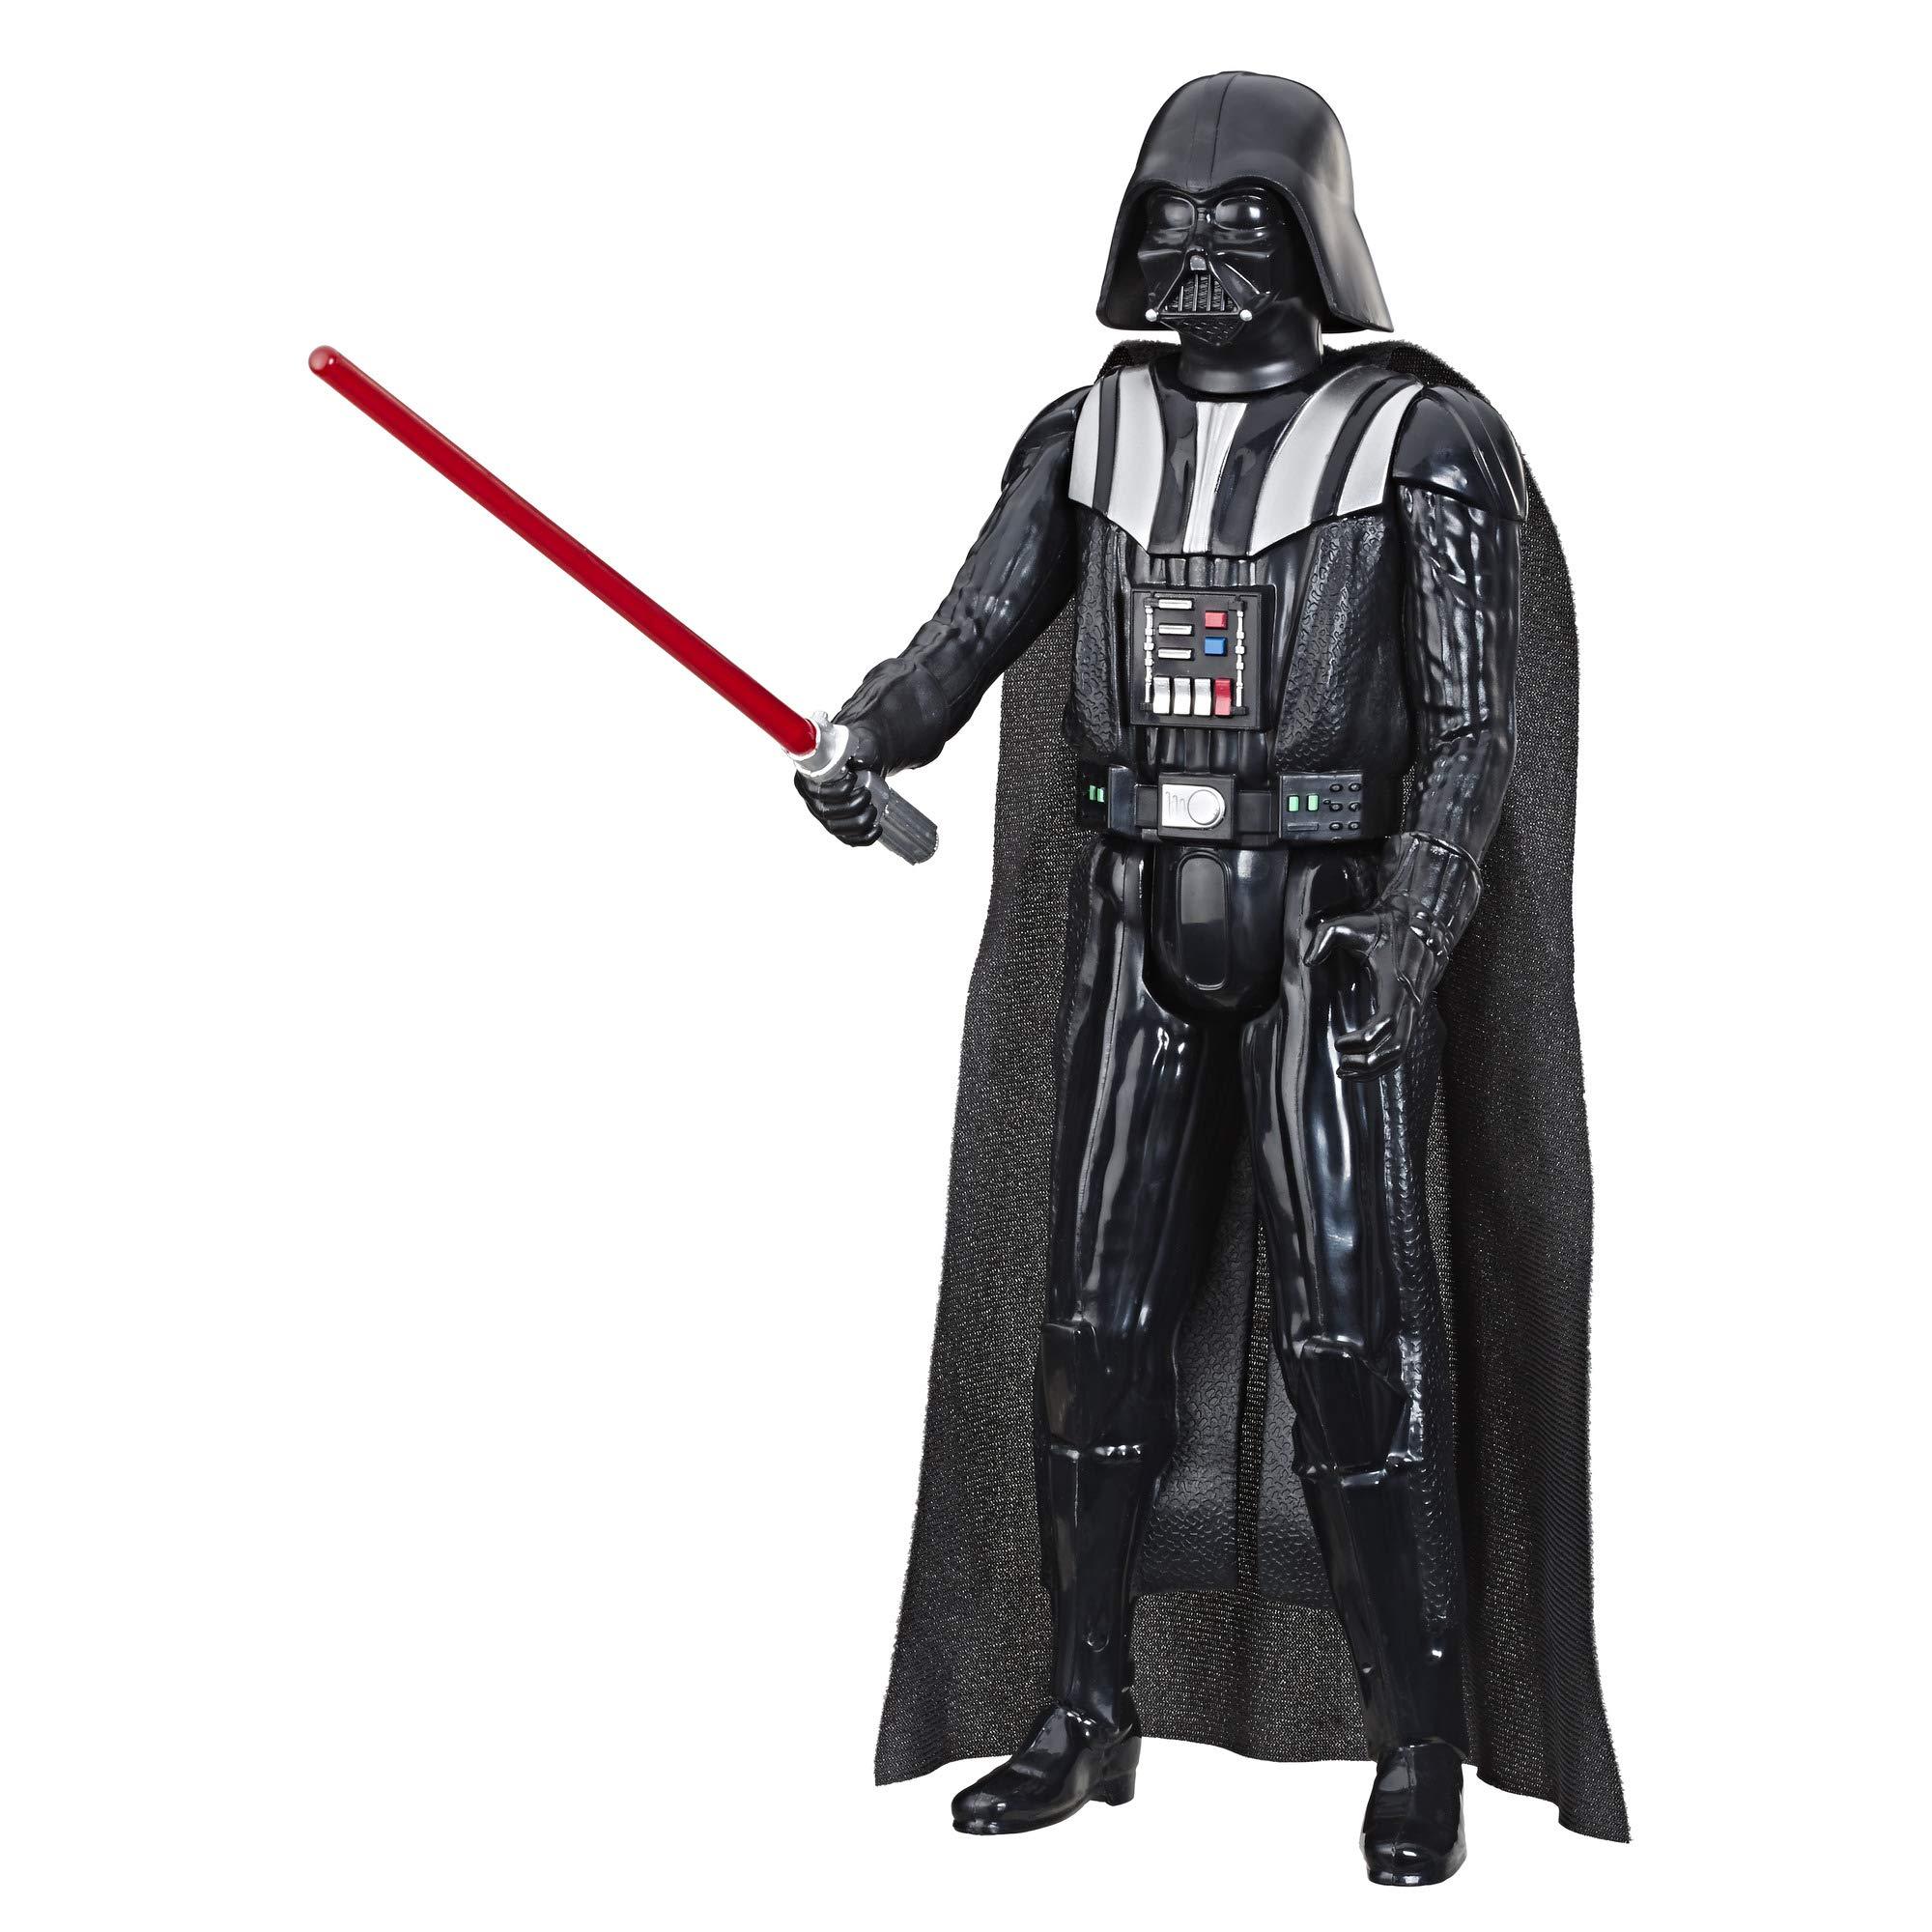 Star Wars Galactic Heroes Darth Vader /& Luke Skywalker Dual Return Of The Jedi